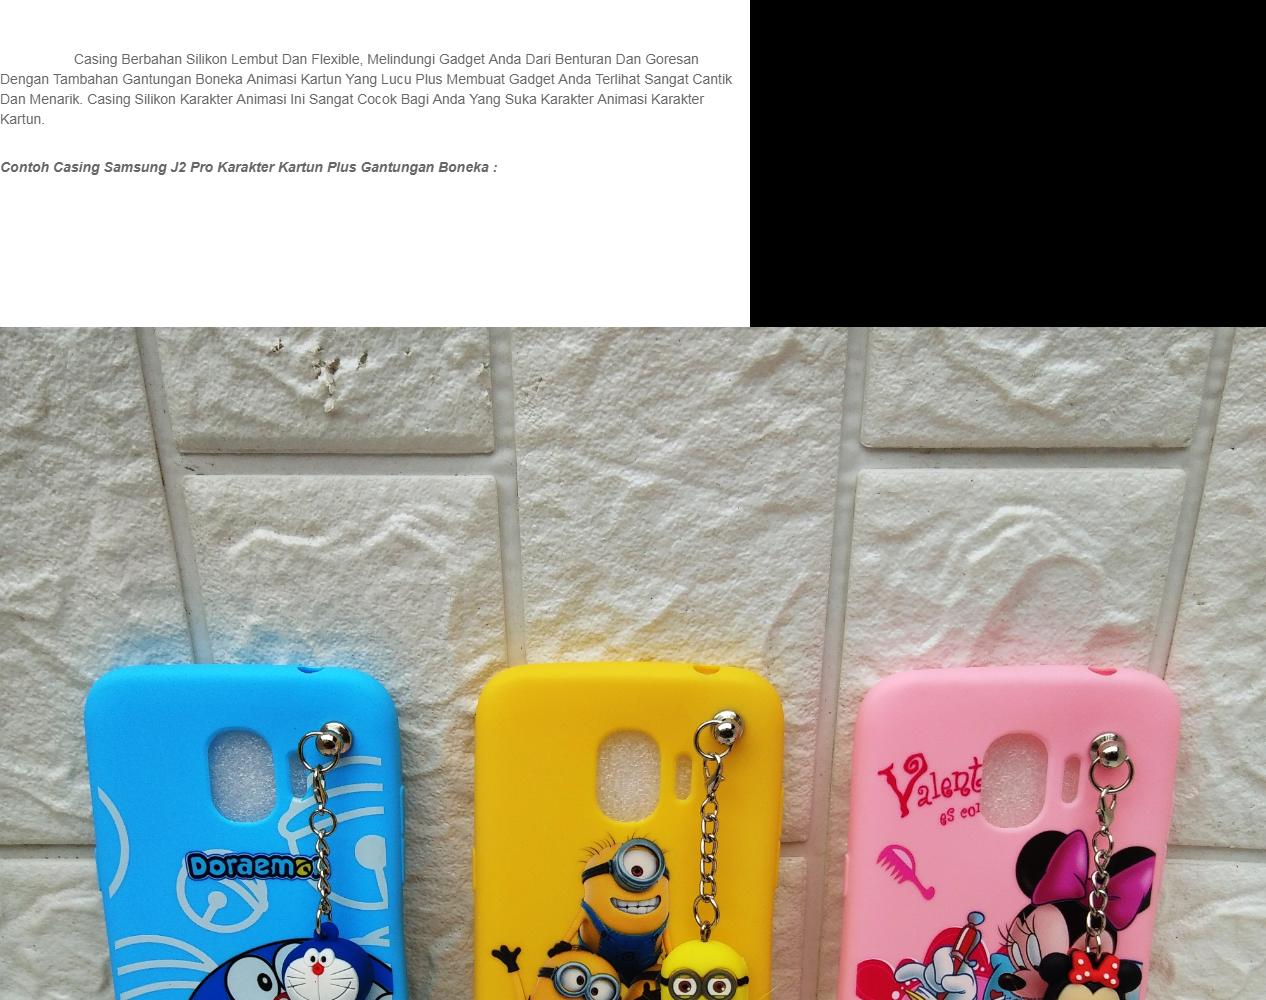 Casing Case Samsung J2 Pro Gambar Karakter Kartun Plus Gantungan Boneka Lazada Indonesia